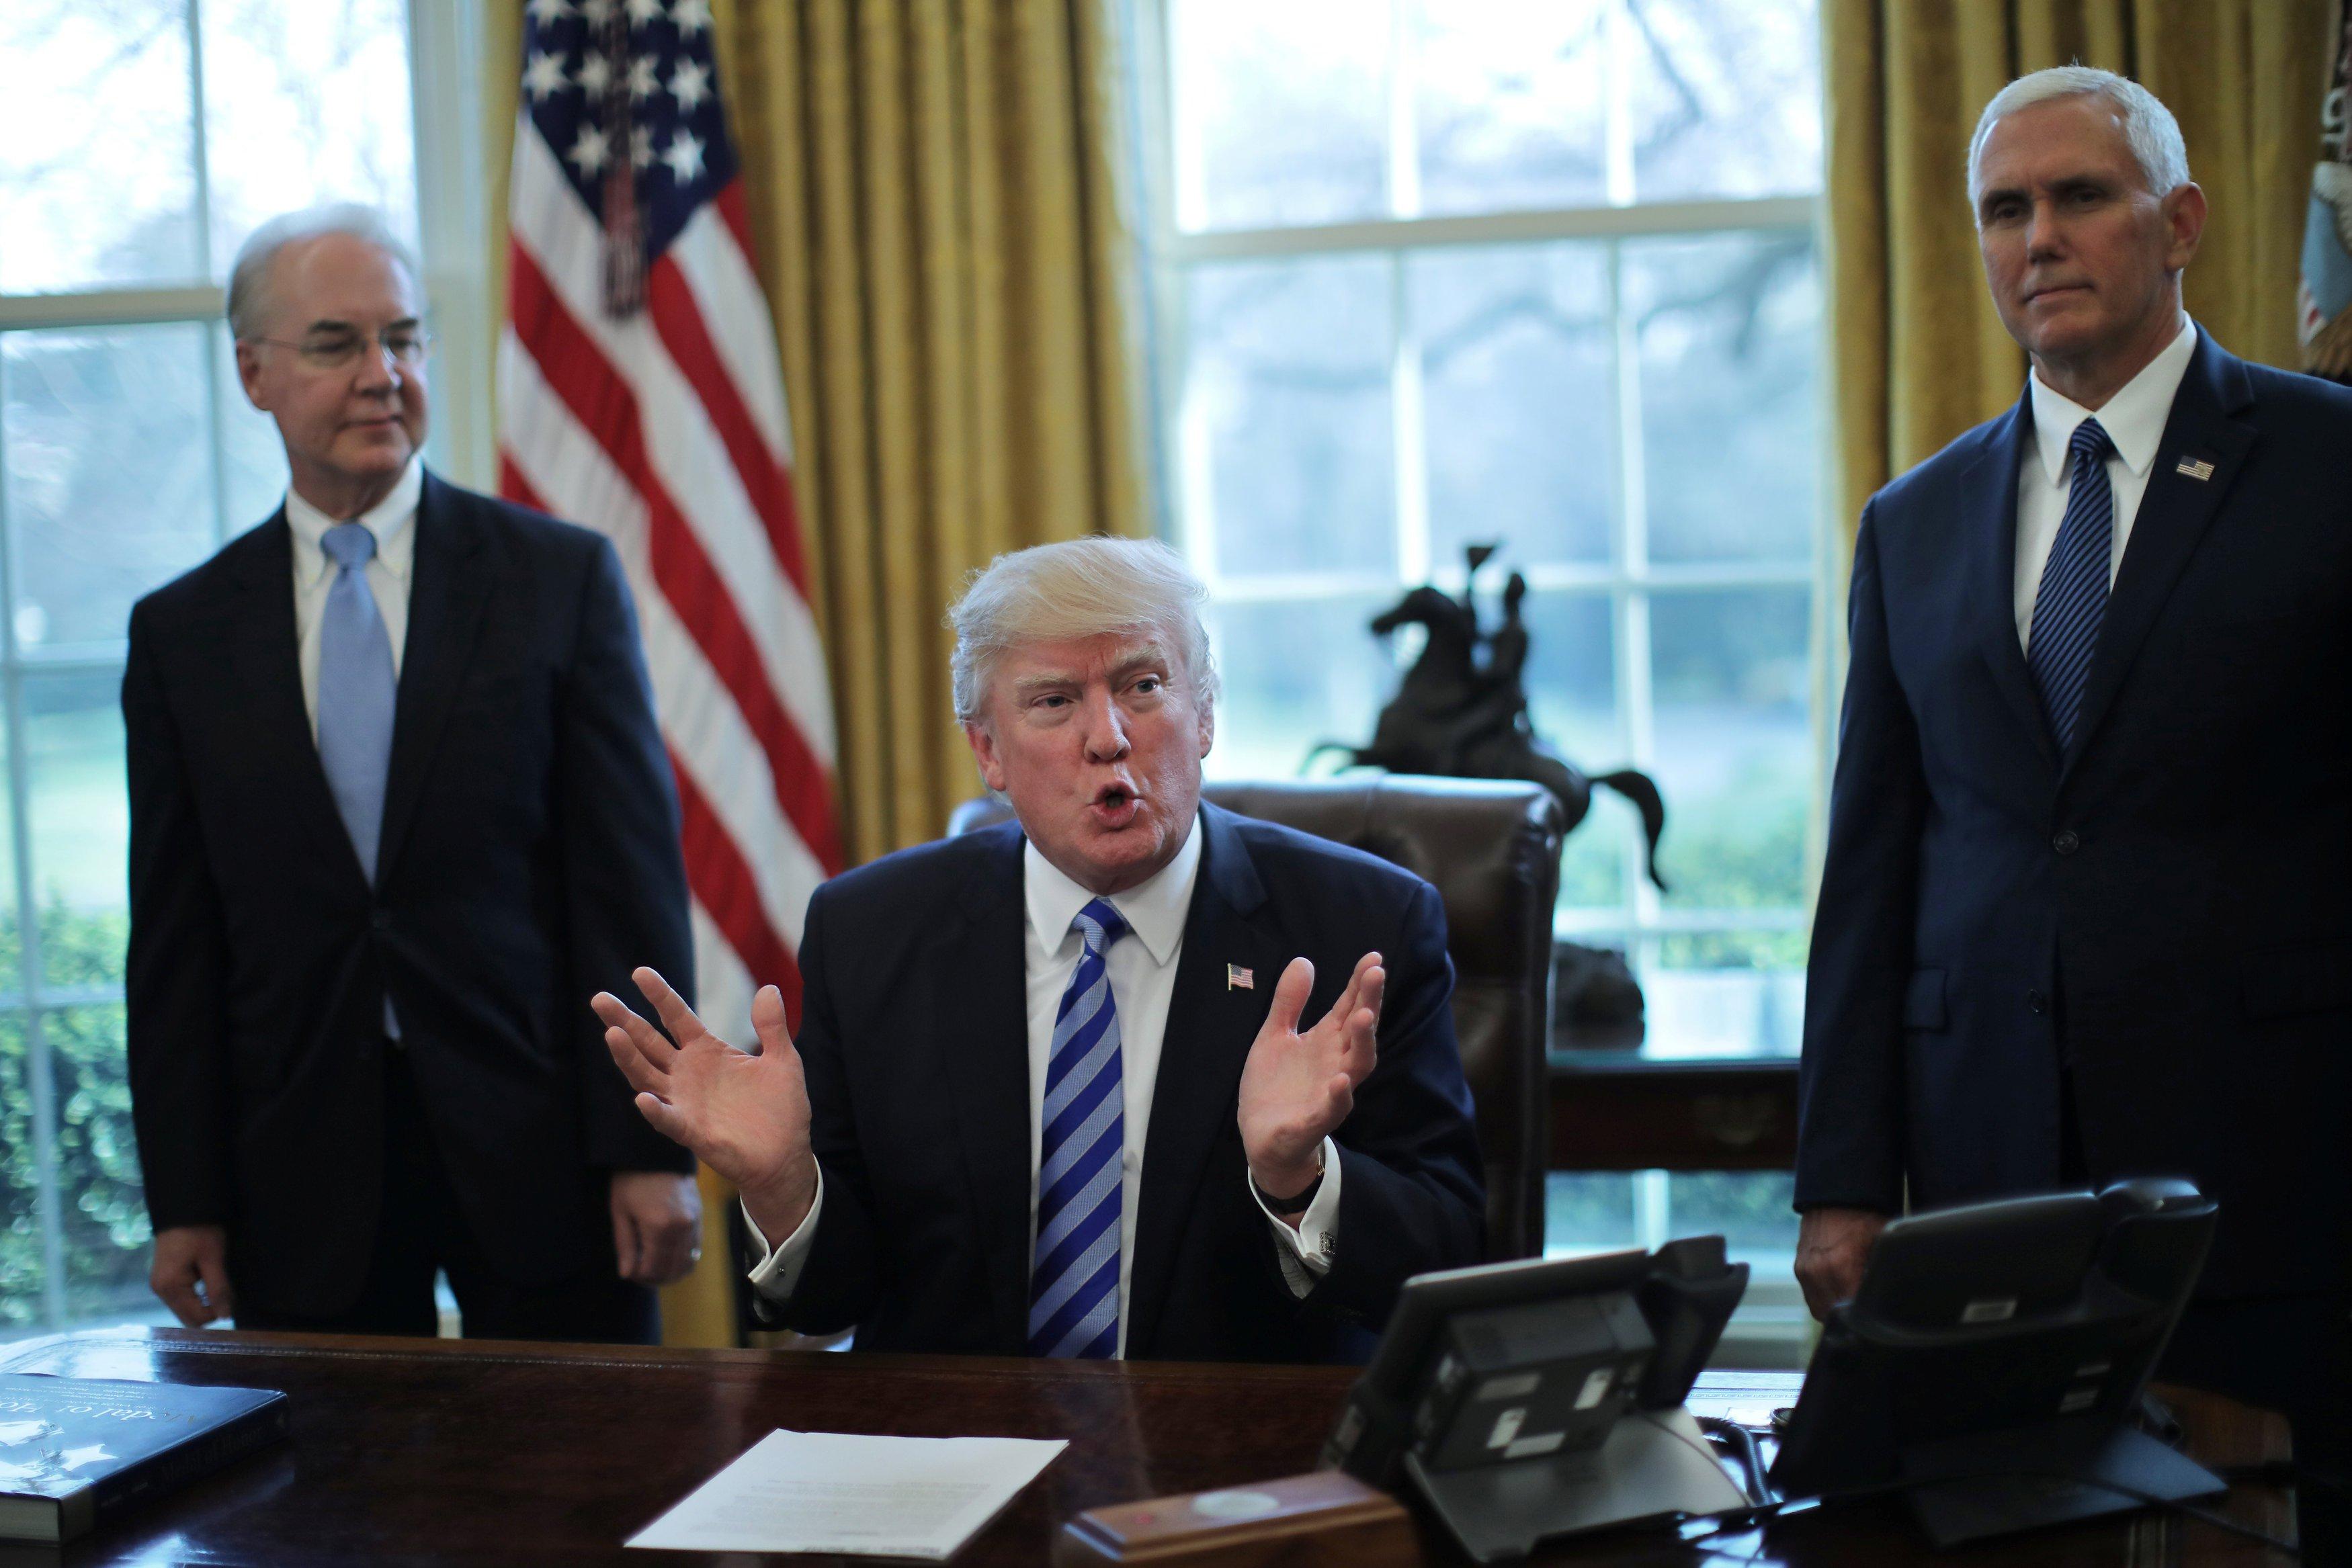 ترامب: أشعر بخيبة الأمل بسبب فشل مشروعى للنظام الصحى